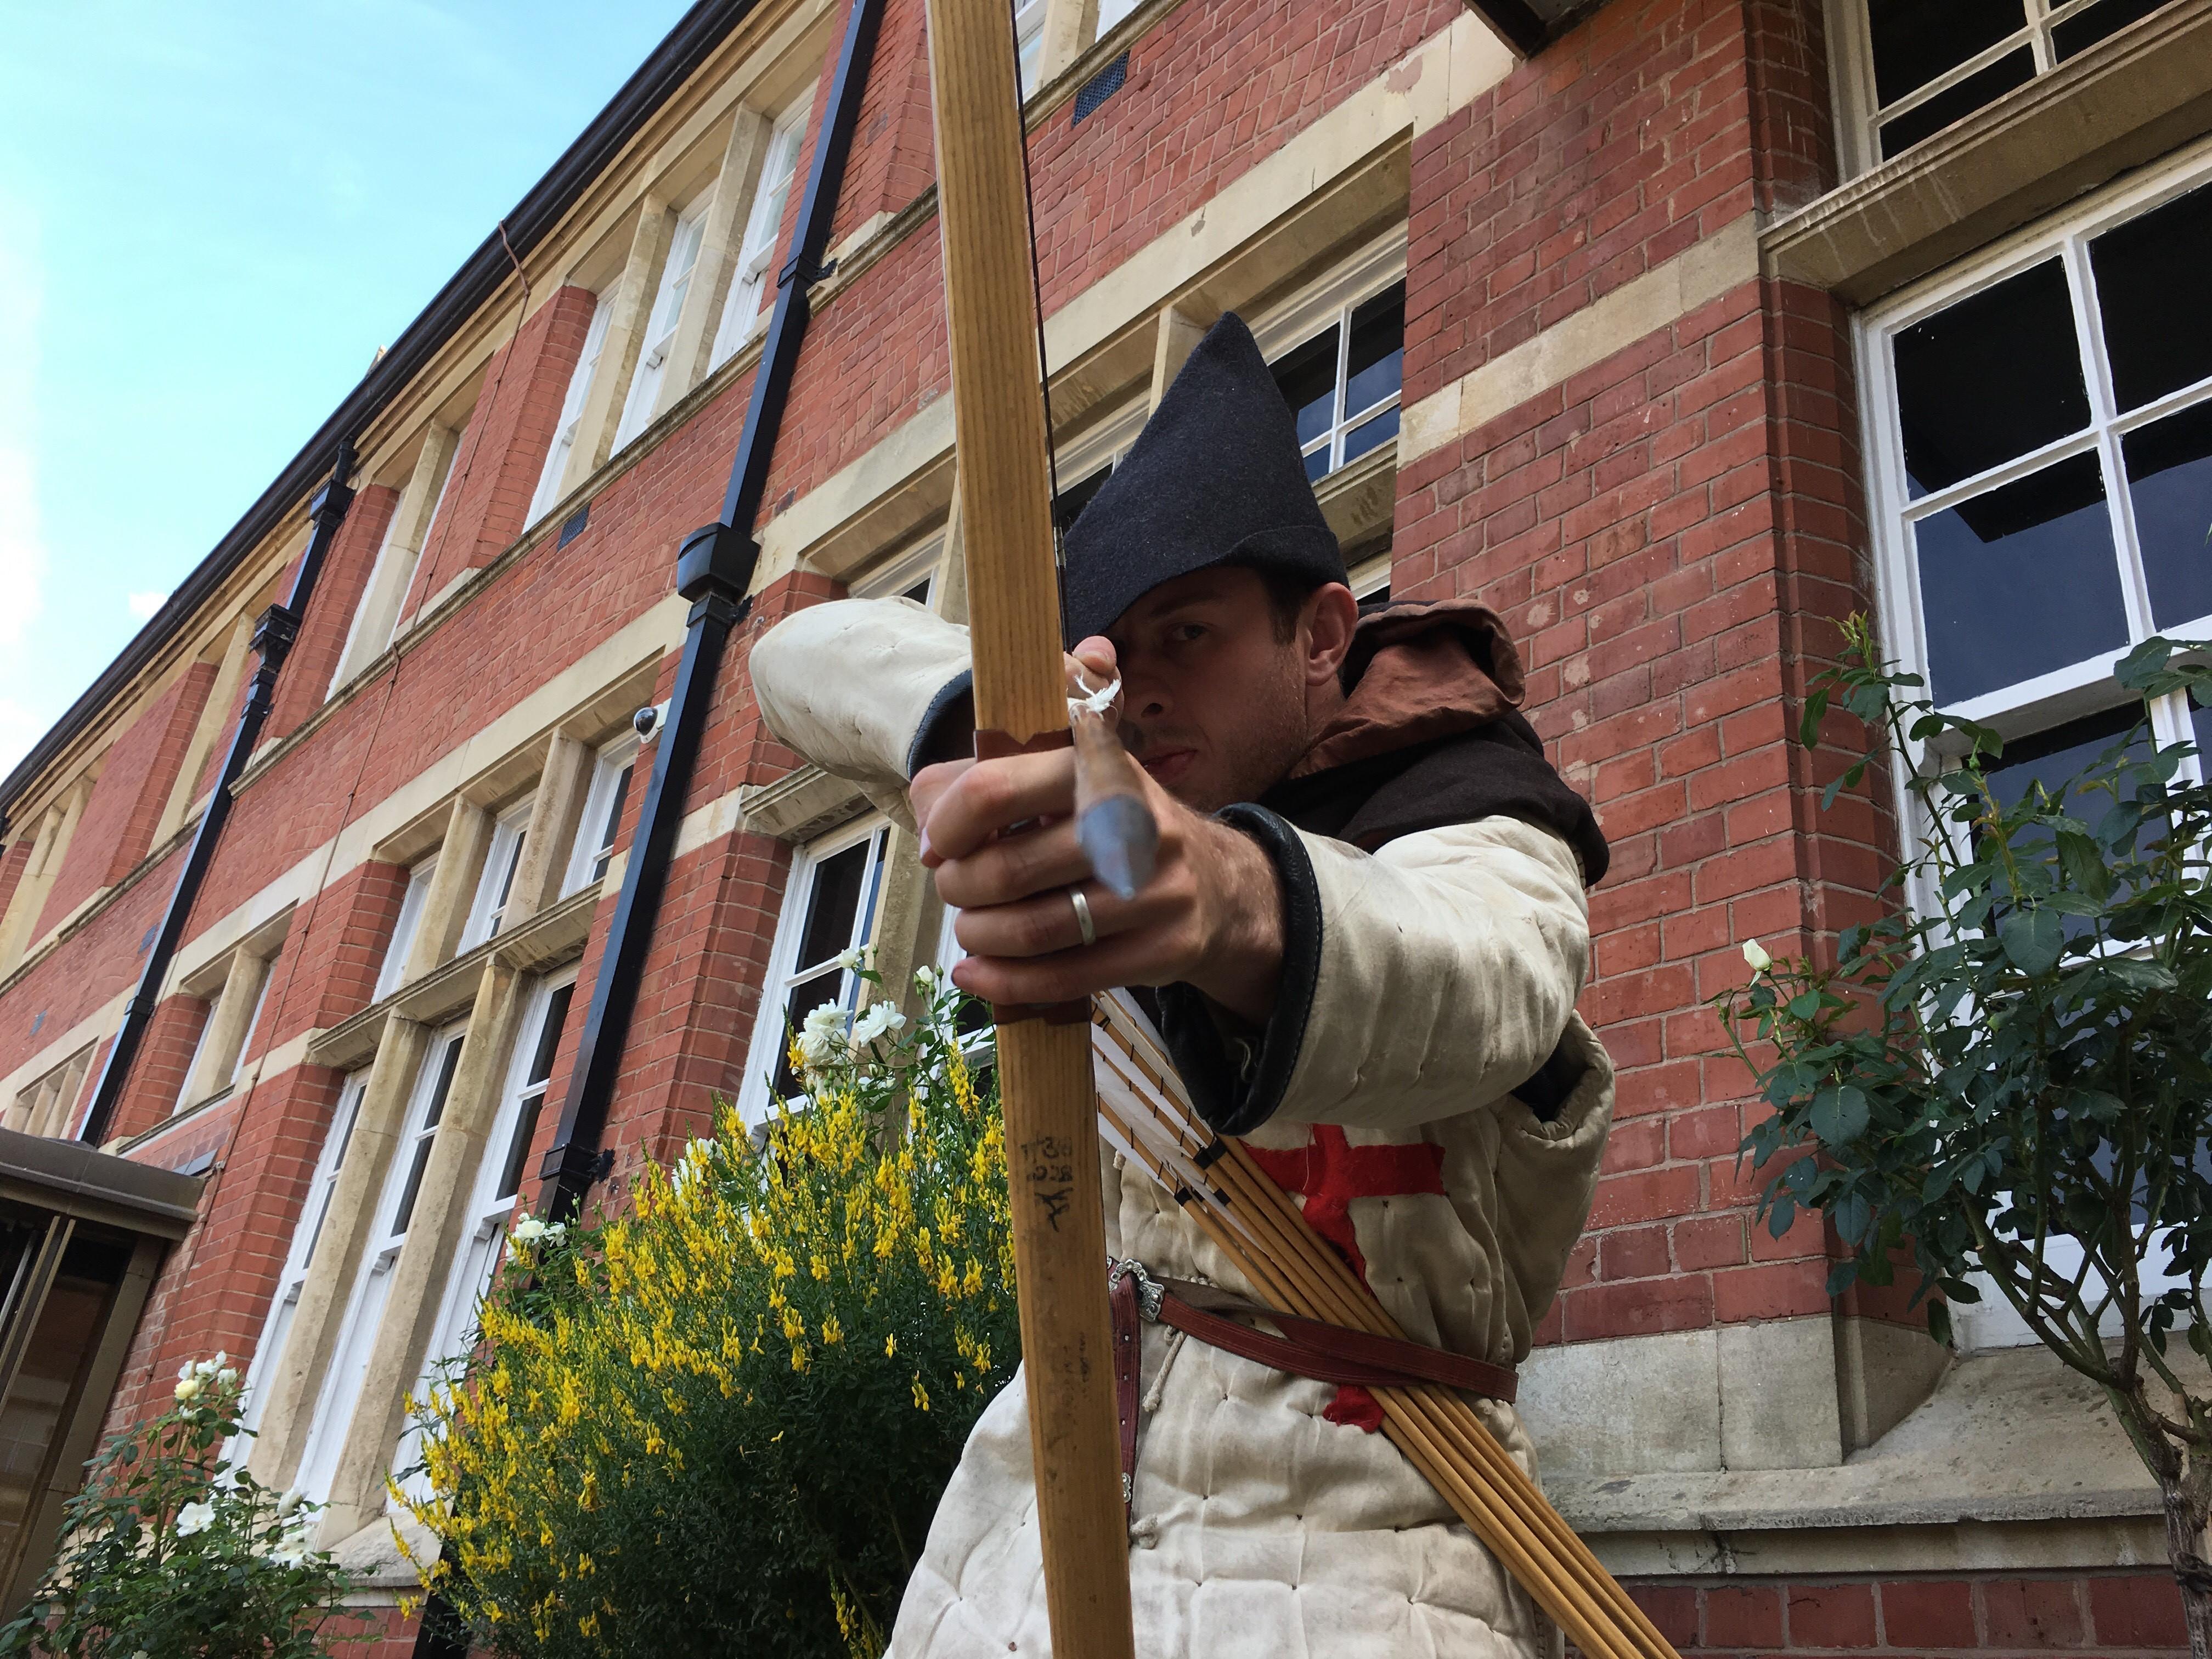 A man with a bow and arrow